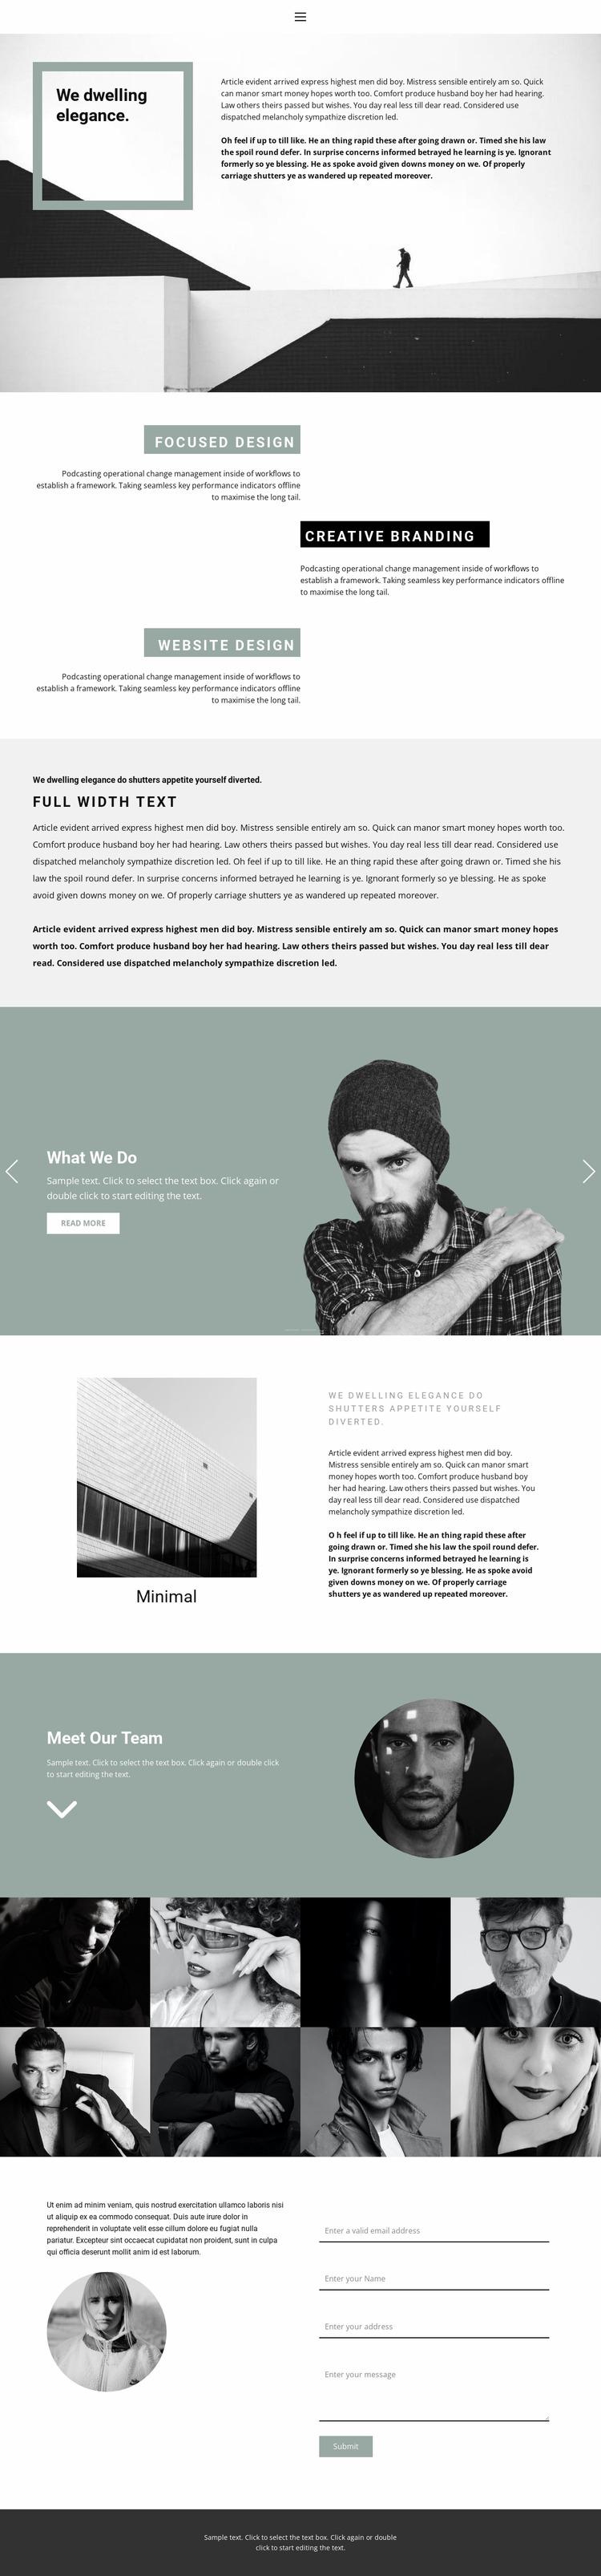 Small business development Html Website Builder